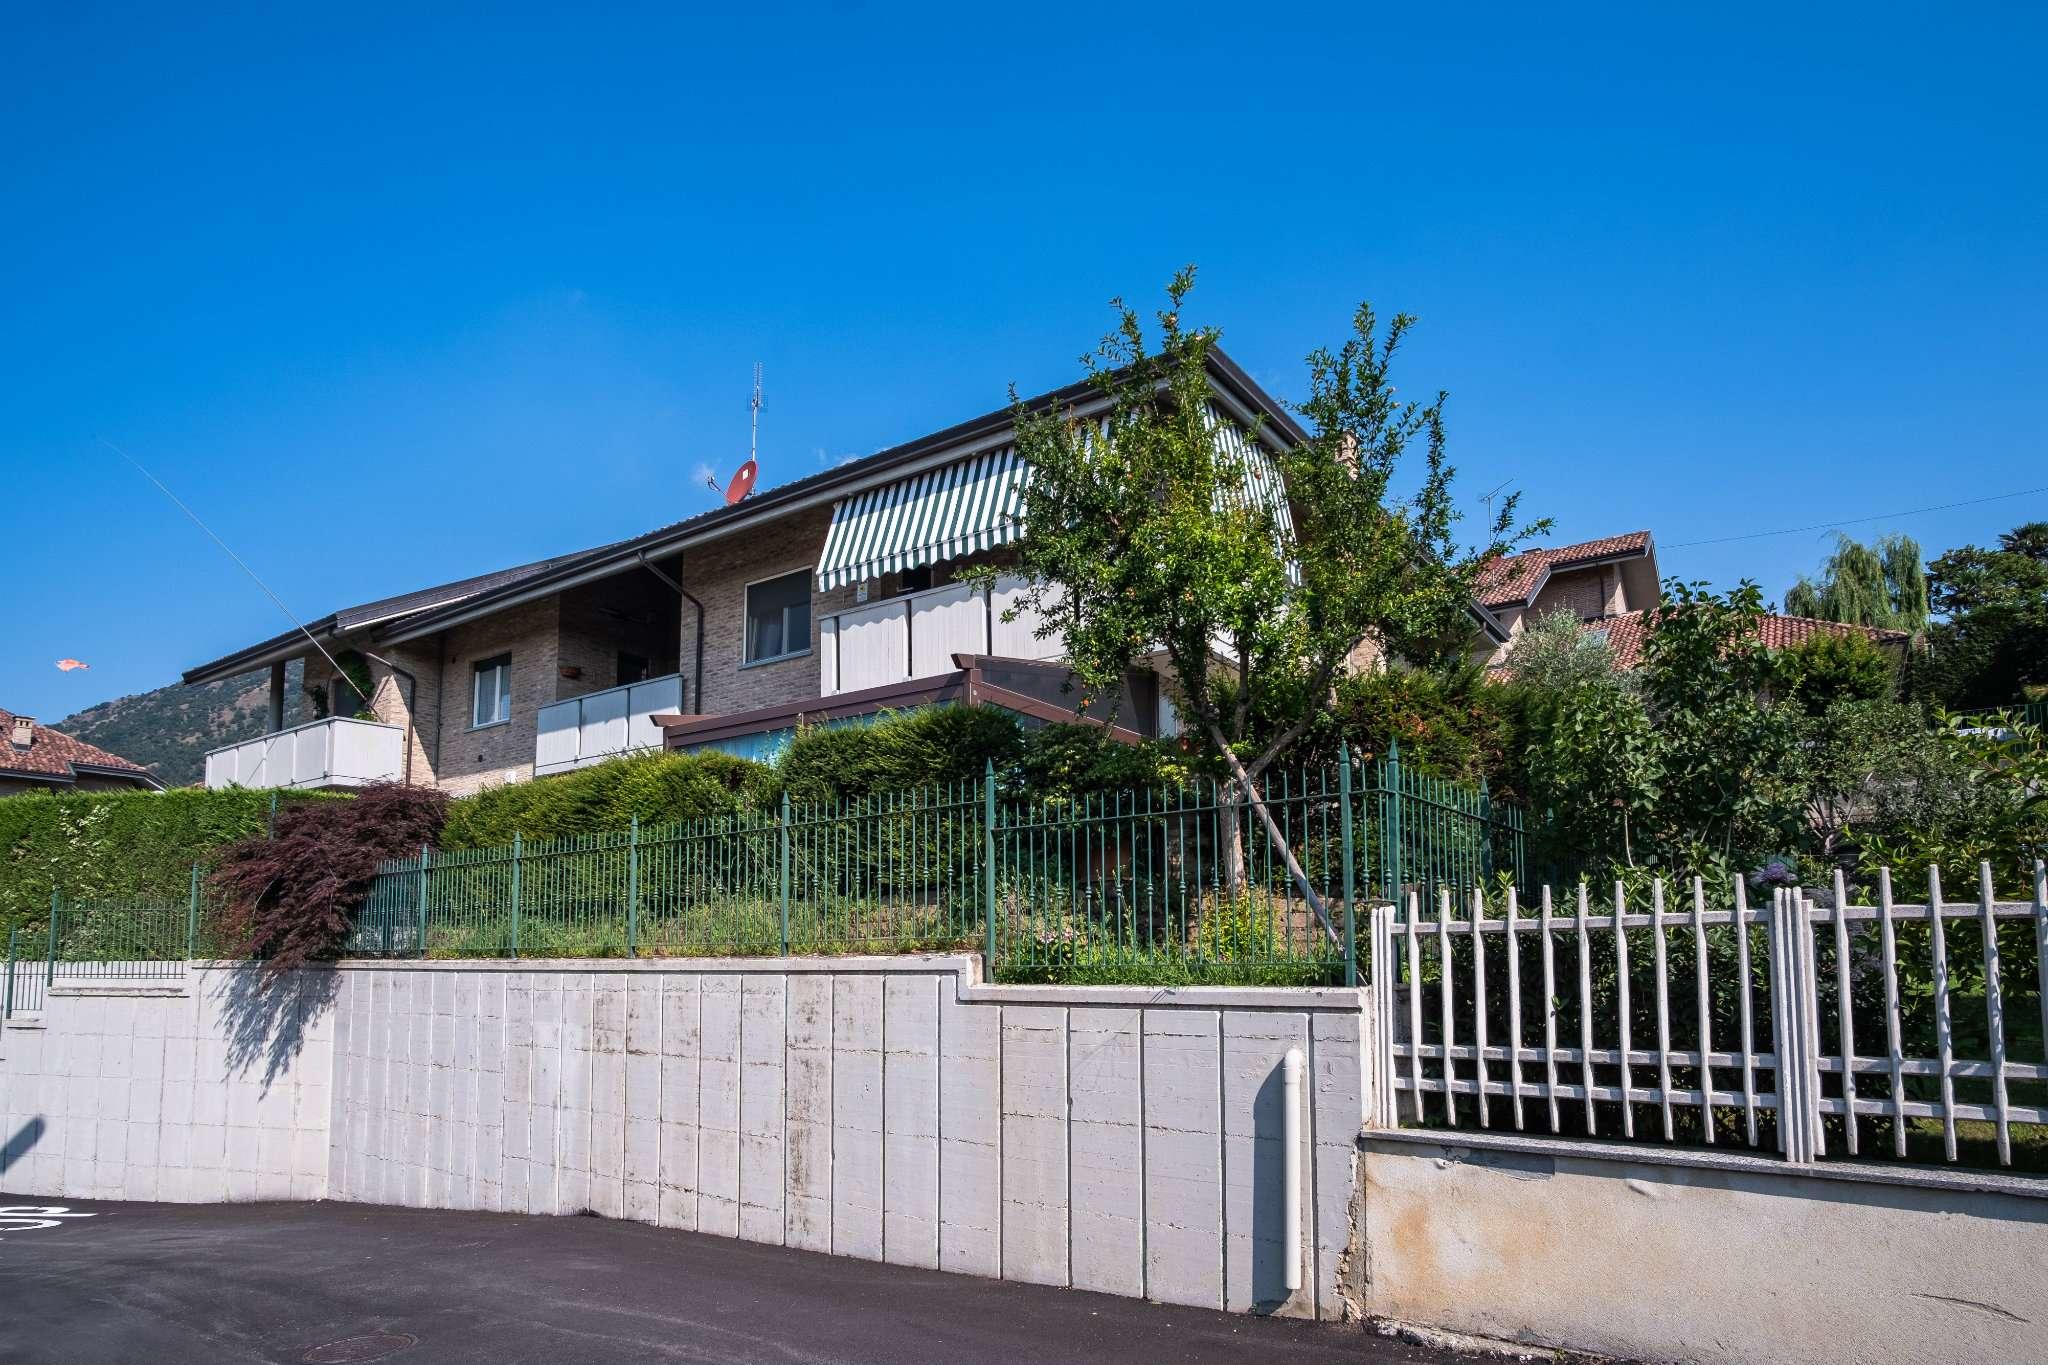 Appartamento in vendita a Caselette, 2 locali, prezzo € 139.000 | PortaleAgenzieImmobiliari.it